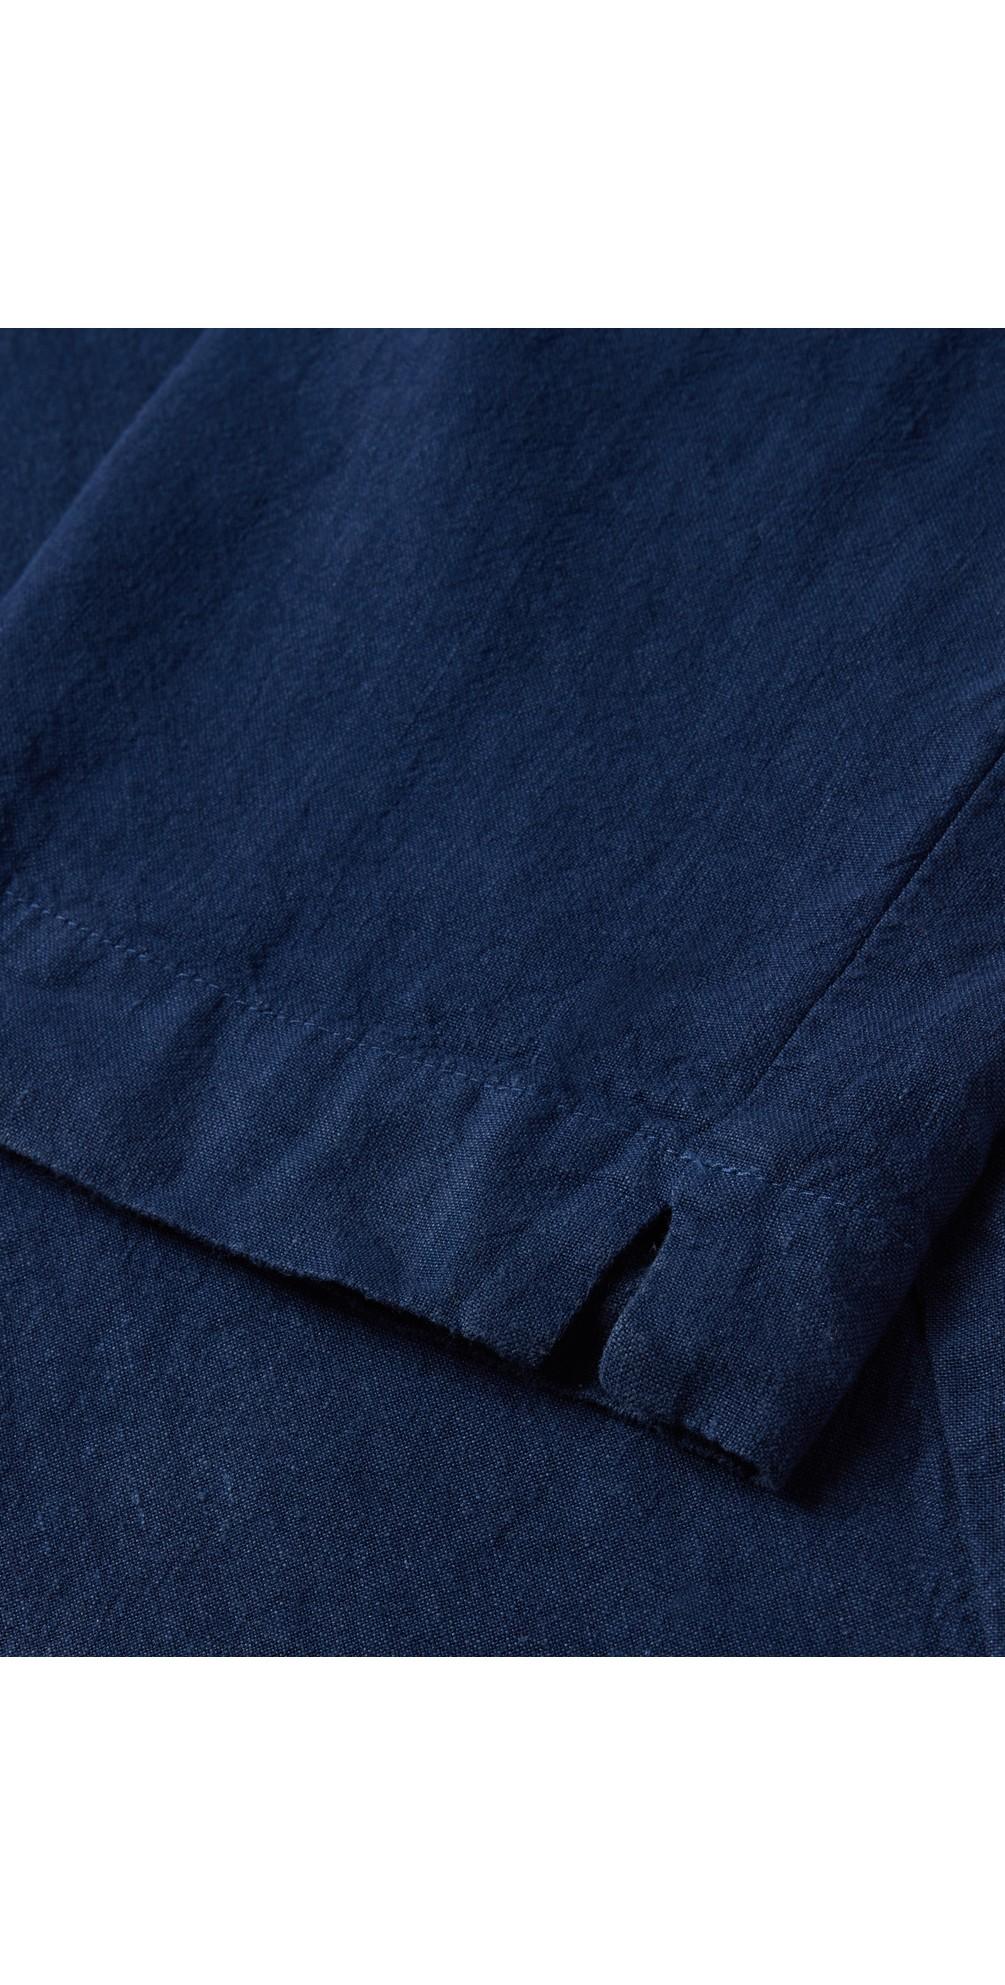 Stretch Denim Bubble Trouser main image